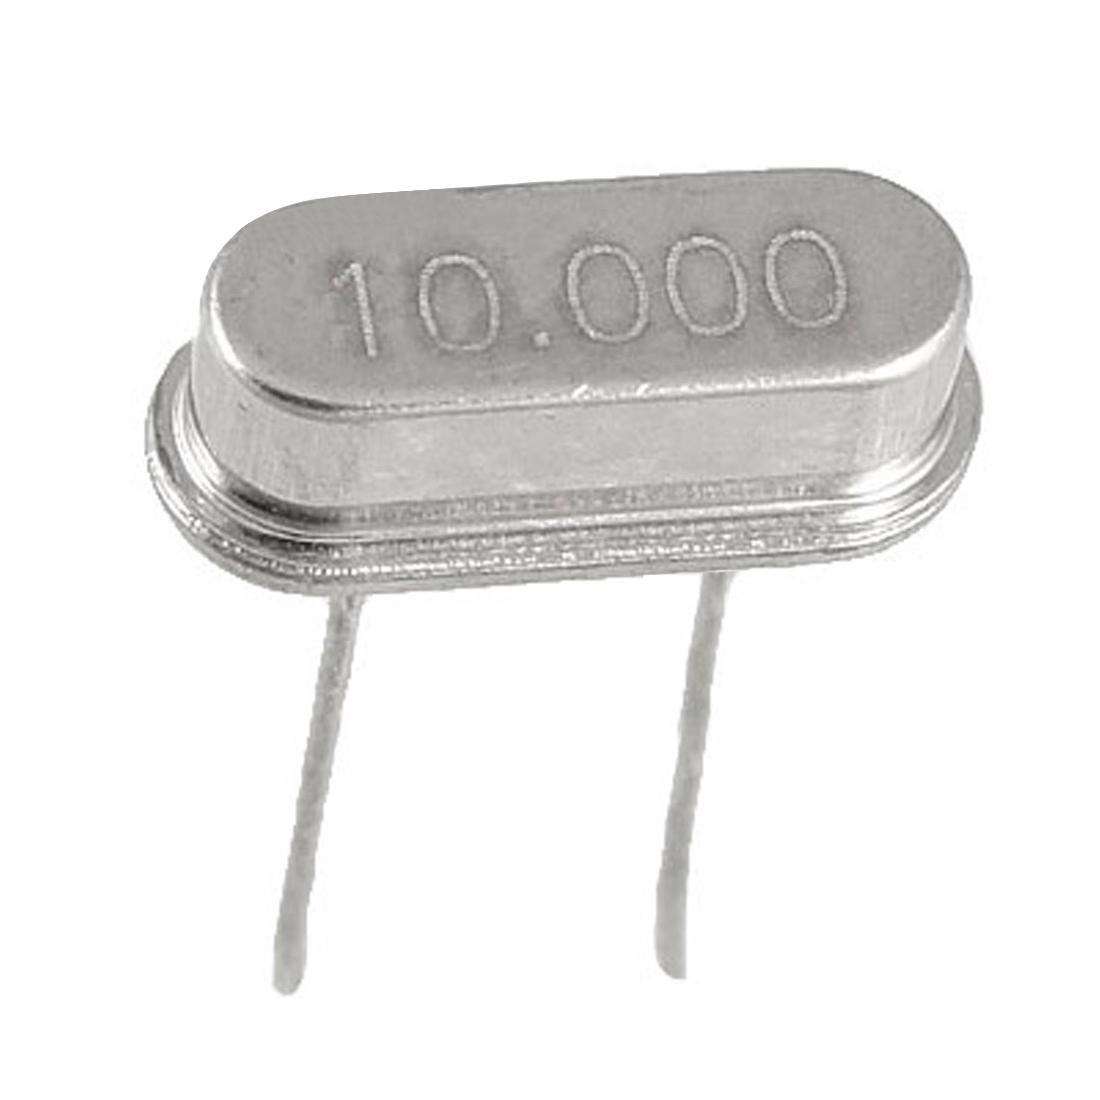 10 x 10.000MHZ 10 MHZ 10M HZ Crystal Oscillator HC-49S